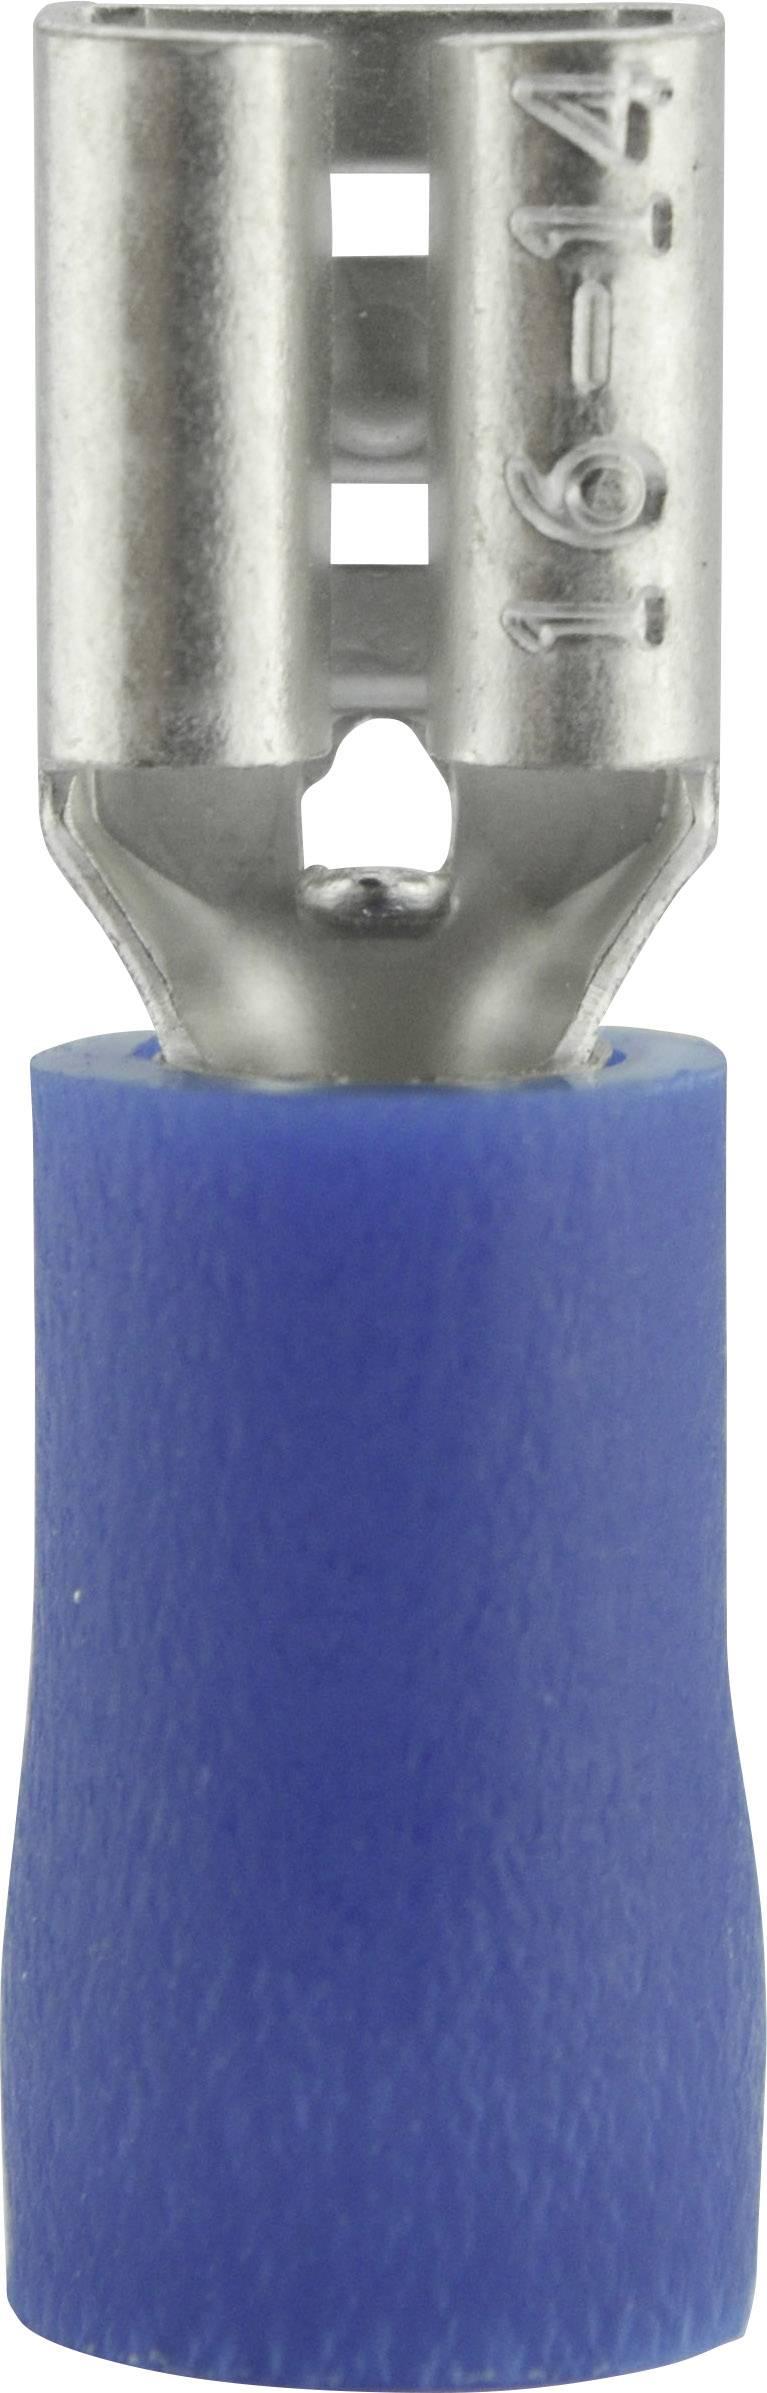 Faston zásuvka Vogt Verbindungstechnik 3905 4.8 mm x 0.8 mm, 180 °, částečná izolace, modrá, 1 ks